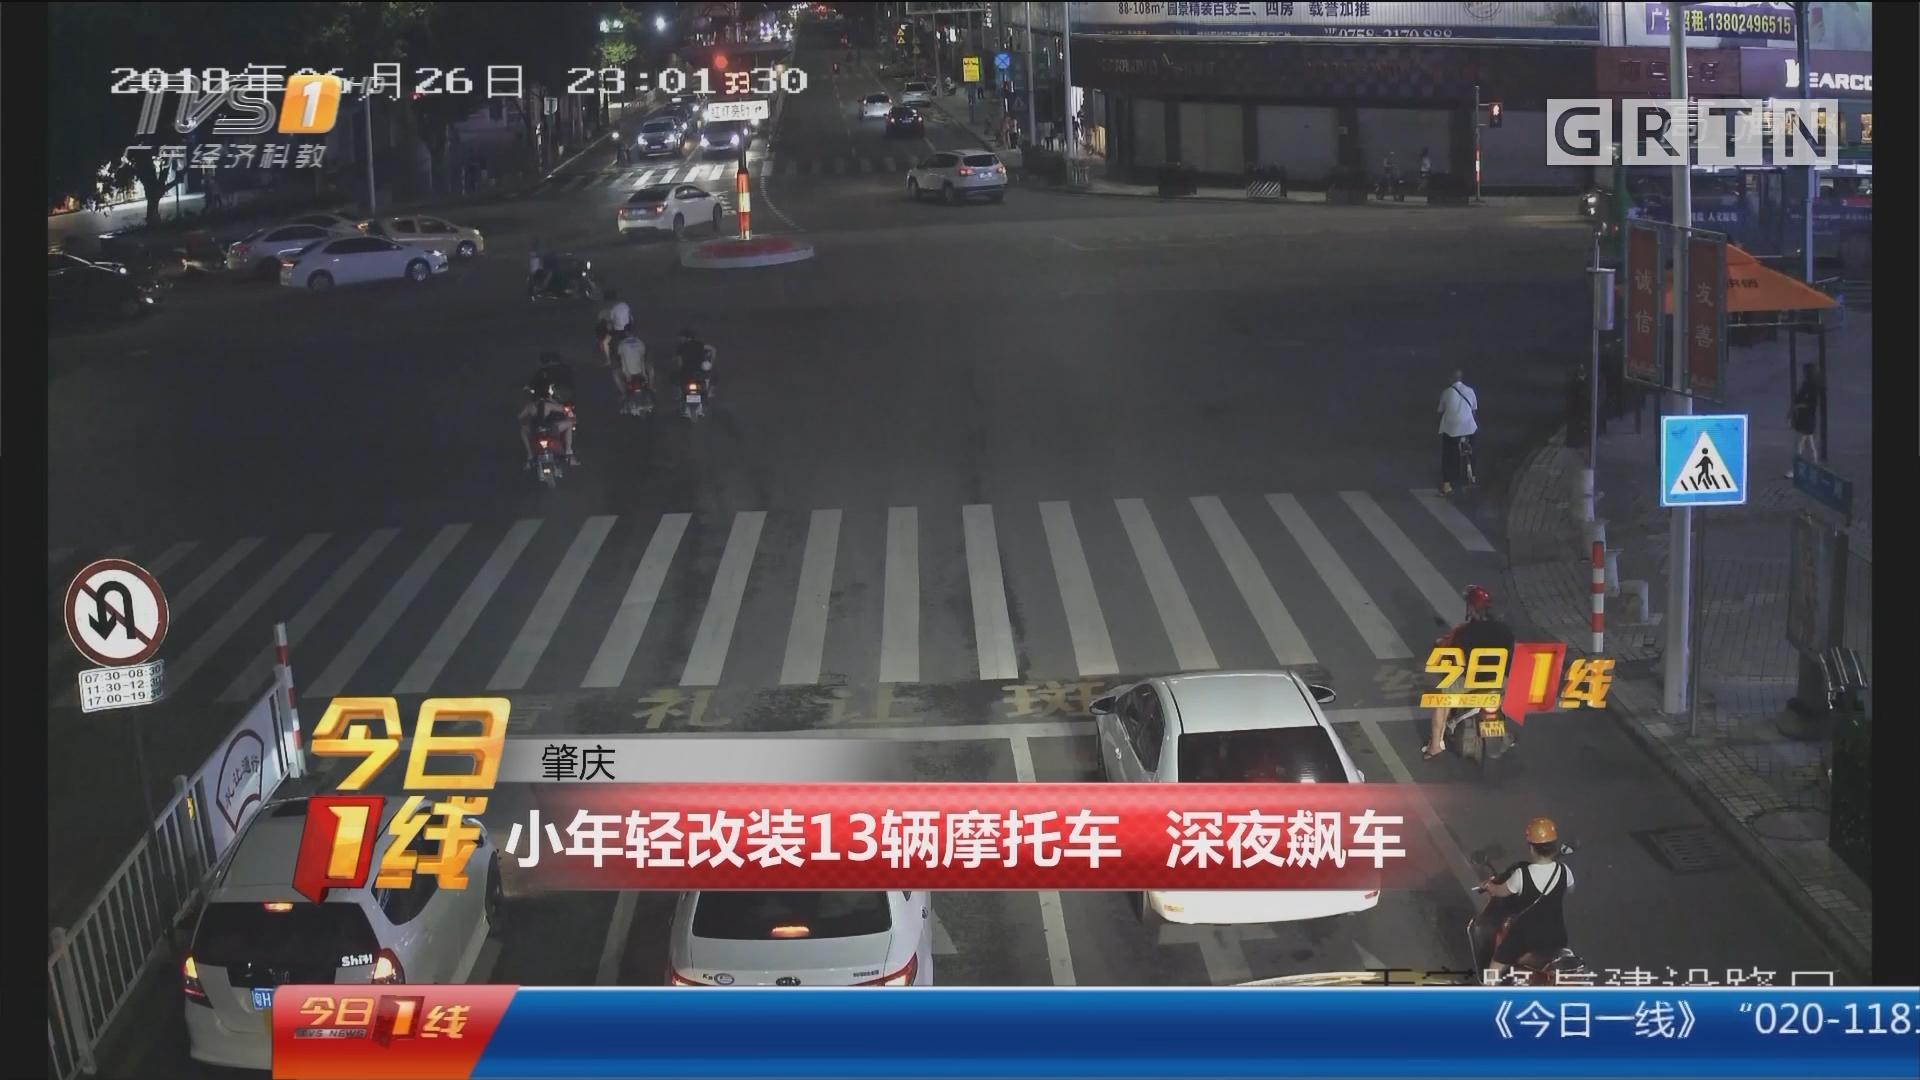 肇庆:小年轻改装13辆摩托车 深夜飙车